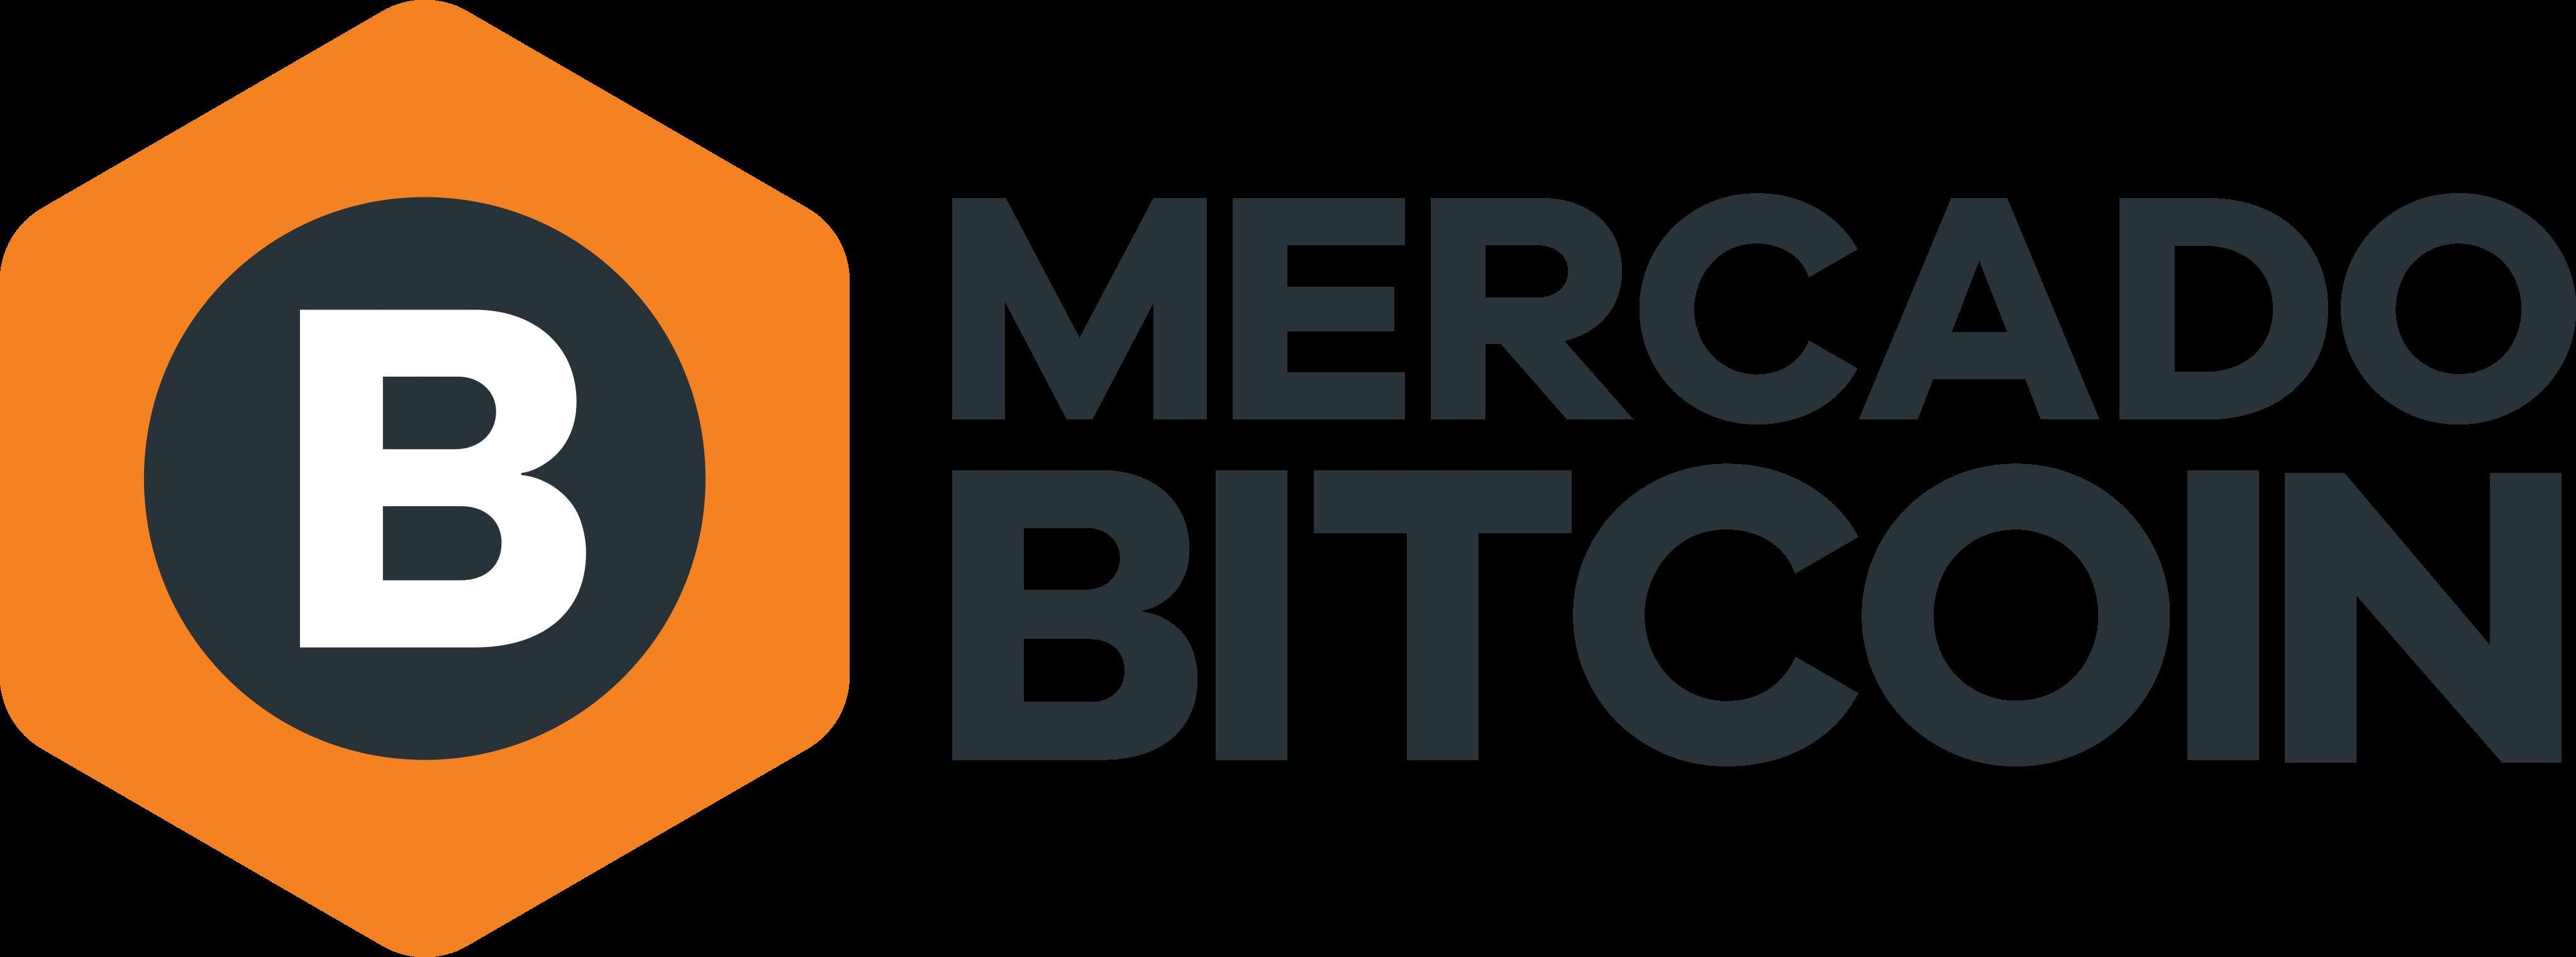 Mercado Bitcoin Logo.